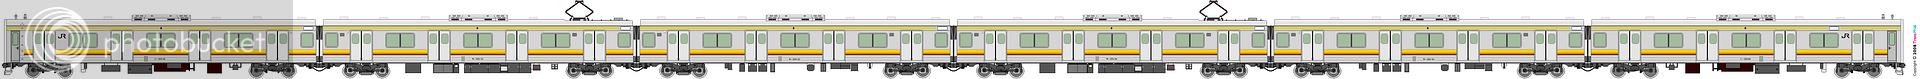 鐵路列車 1970